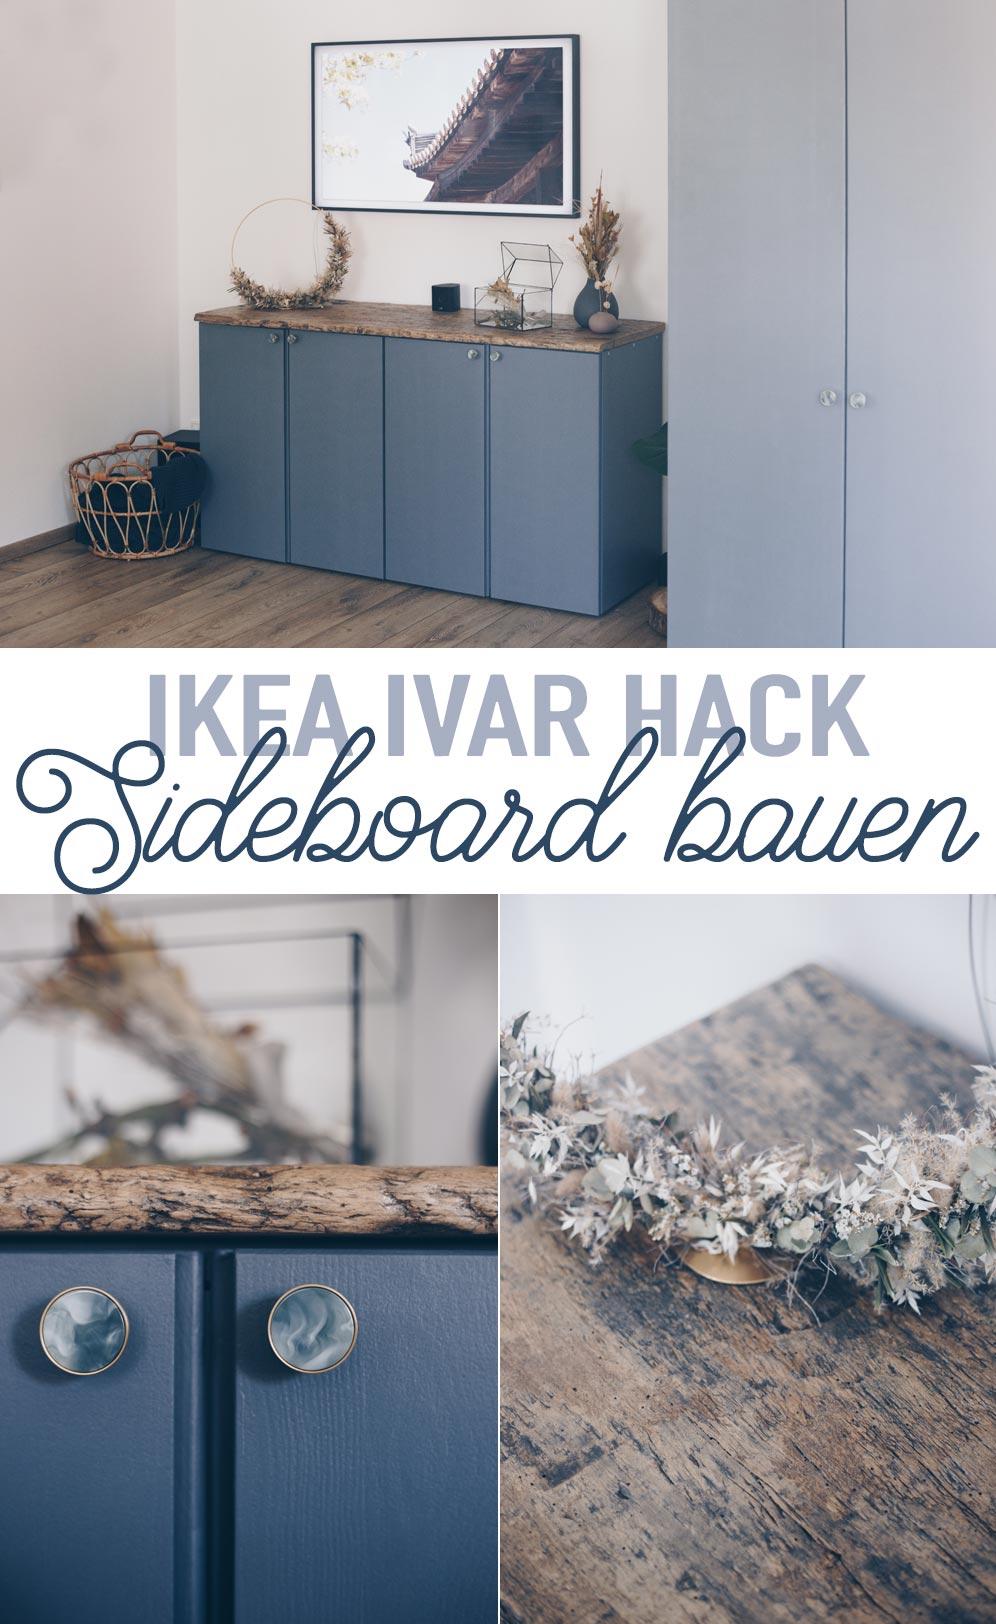 Ikea Ivar Hack - DIY Sideboard für das Wohnzimmer bauen - Möbel selberbauen